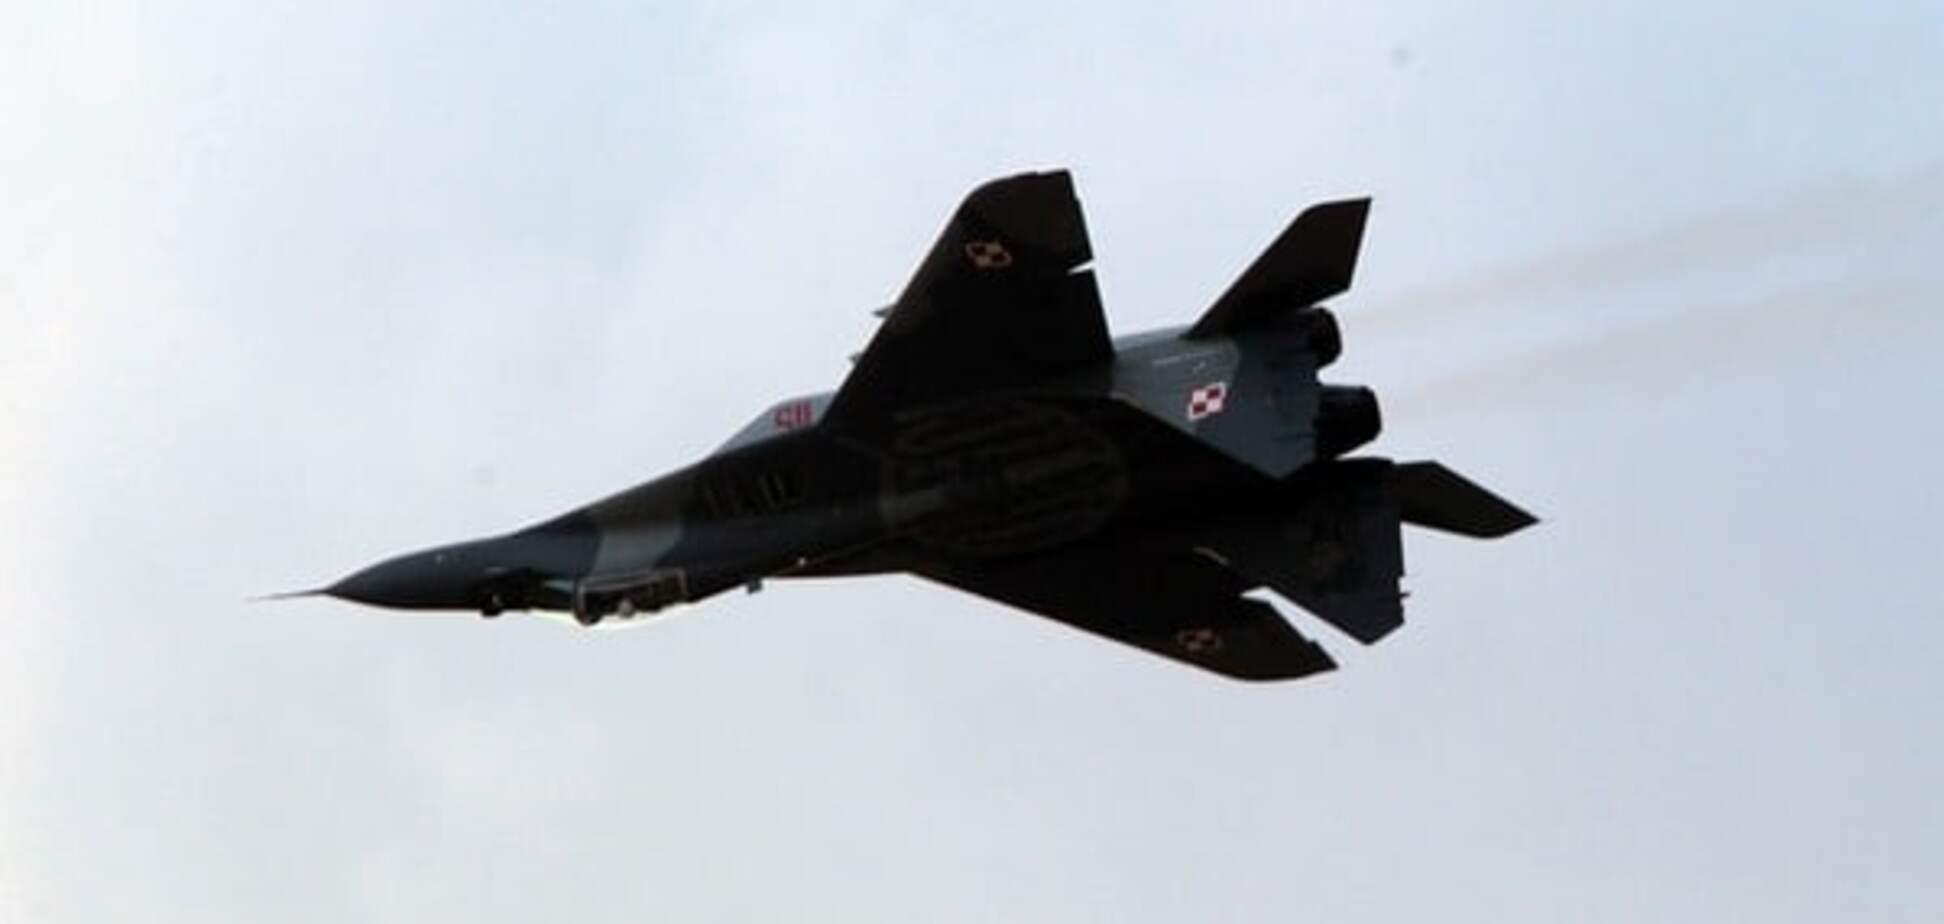 В українця знайшли запчастини до винищувача МІГ-29 на 1 млн гривень